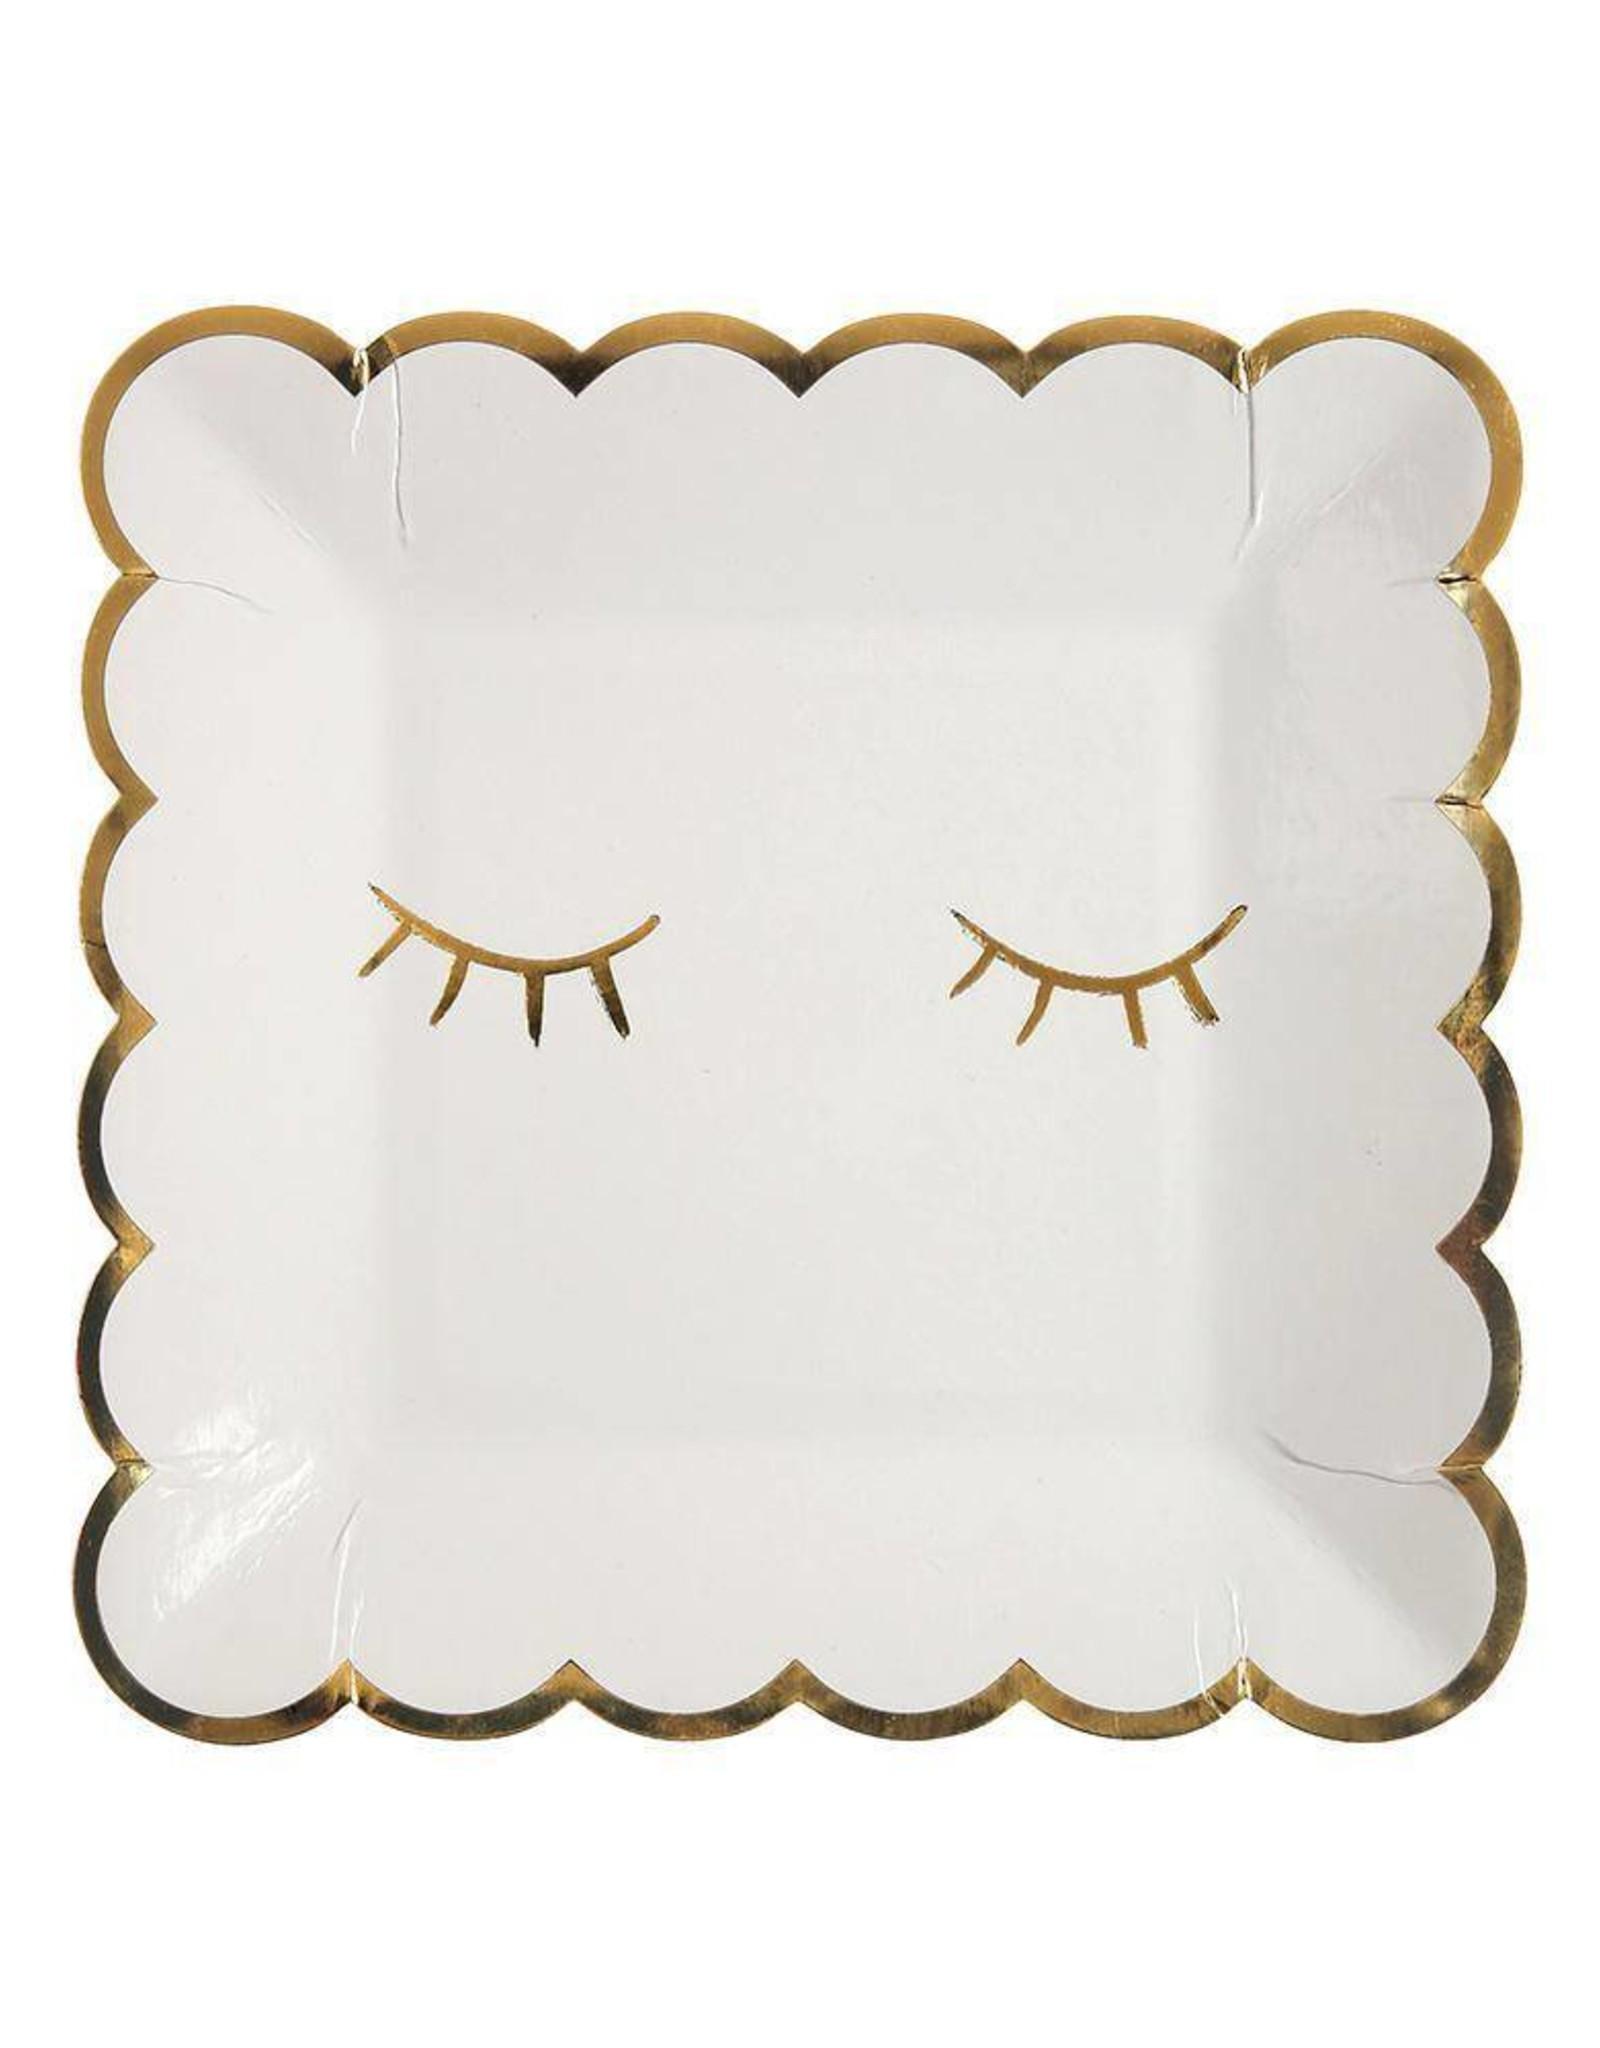 Meri Meri blink plate small